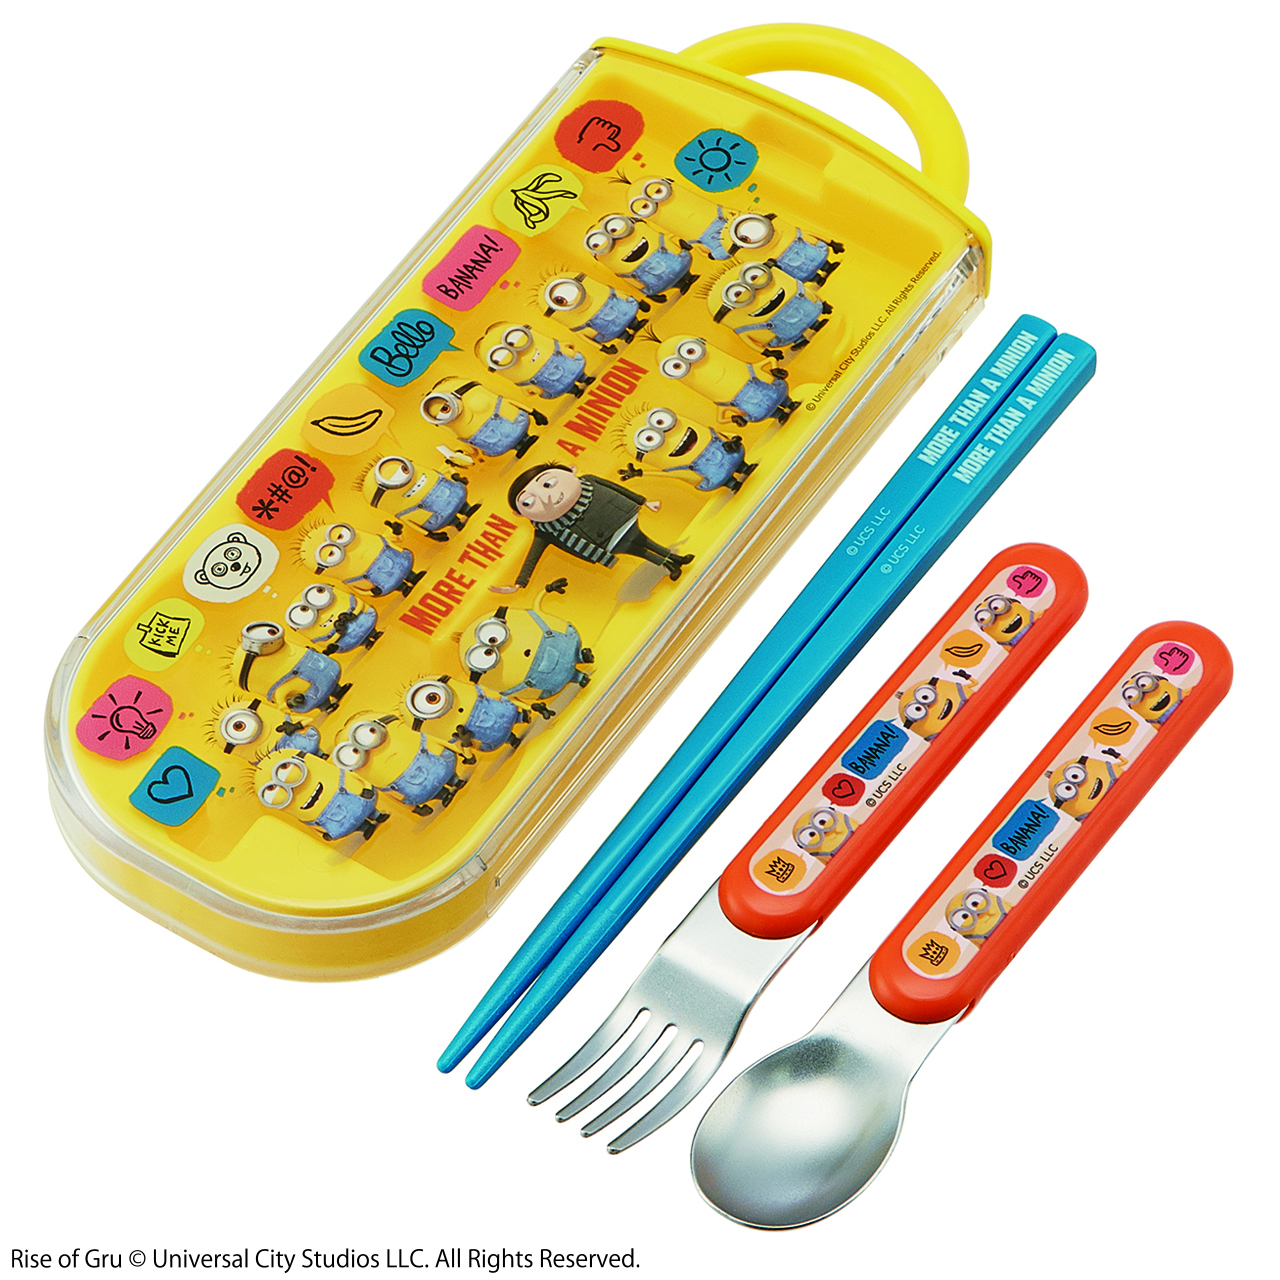 食洗機対応スライド式トリオセット/ミニオン(ミニオンズフィーバー)